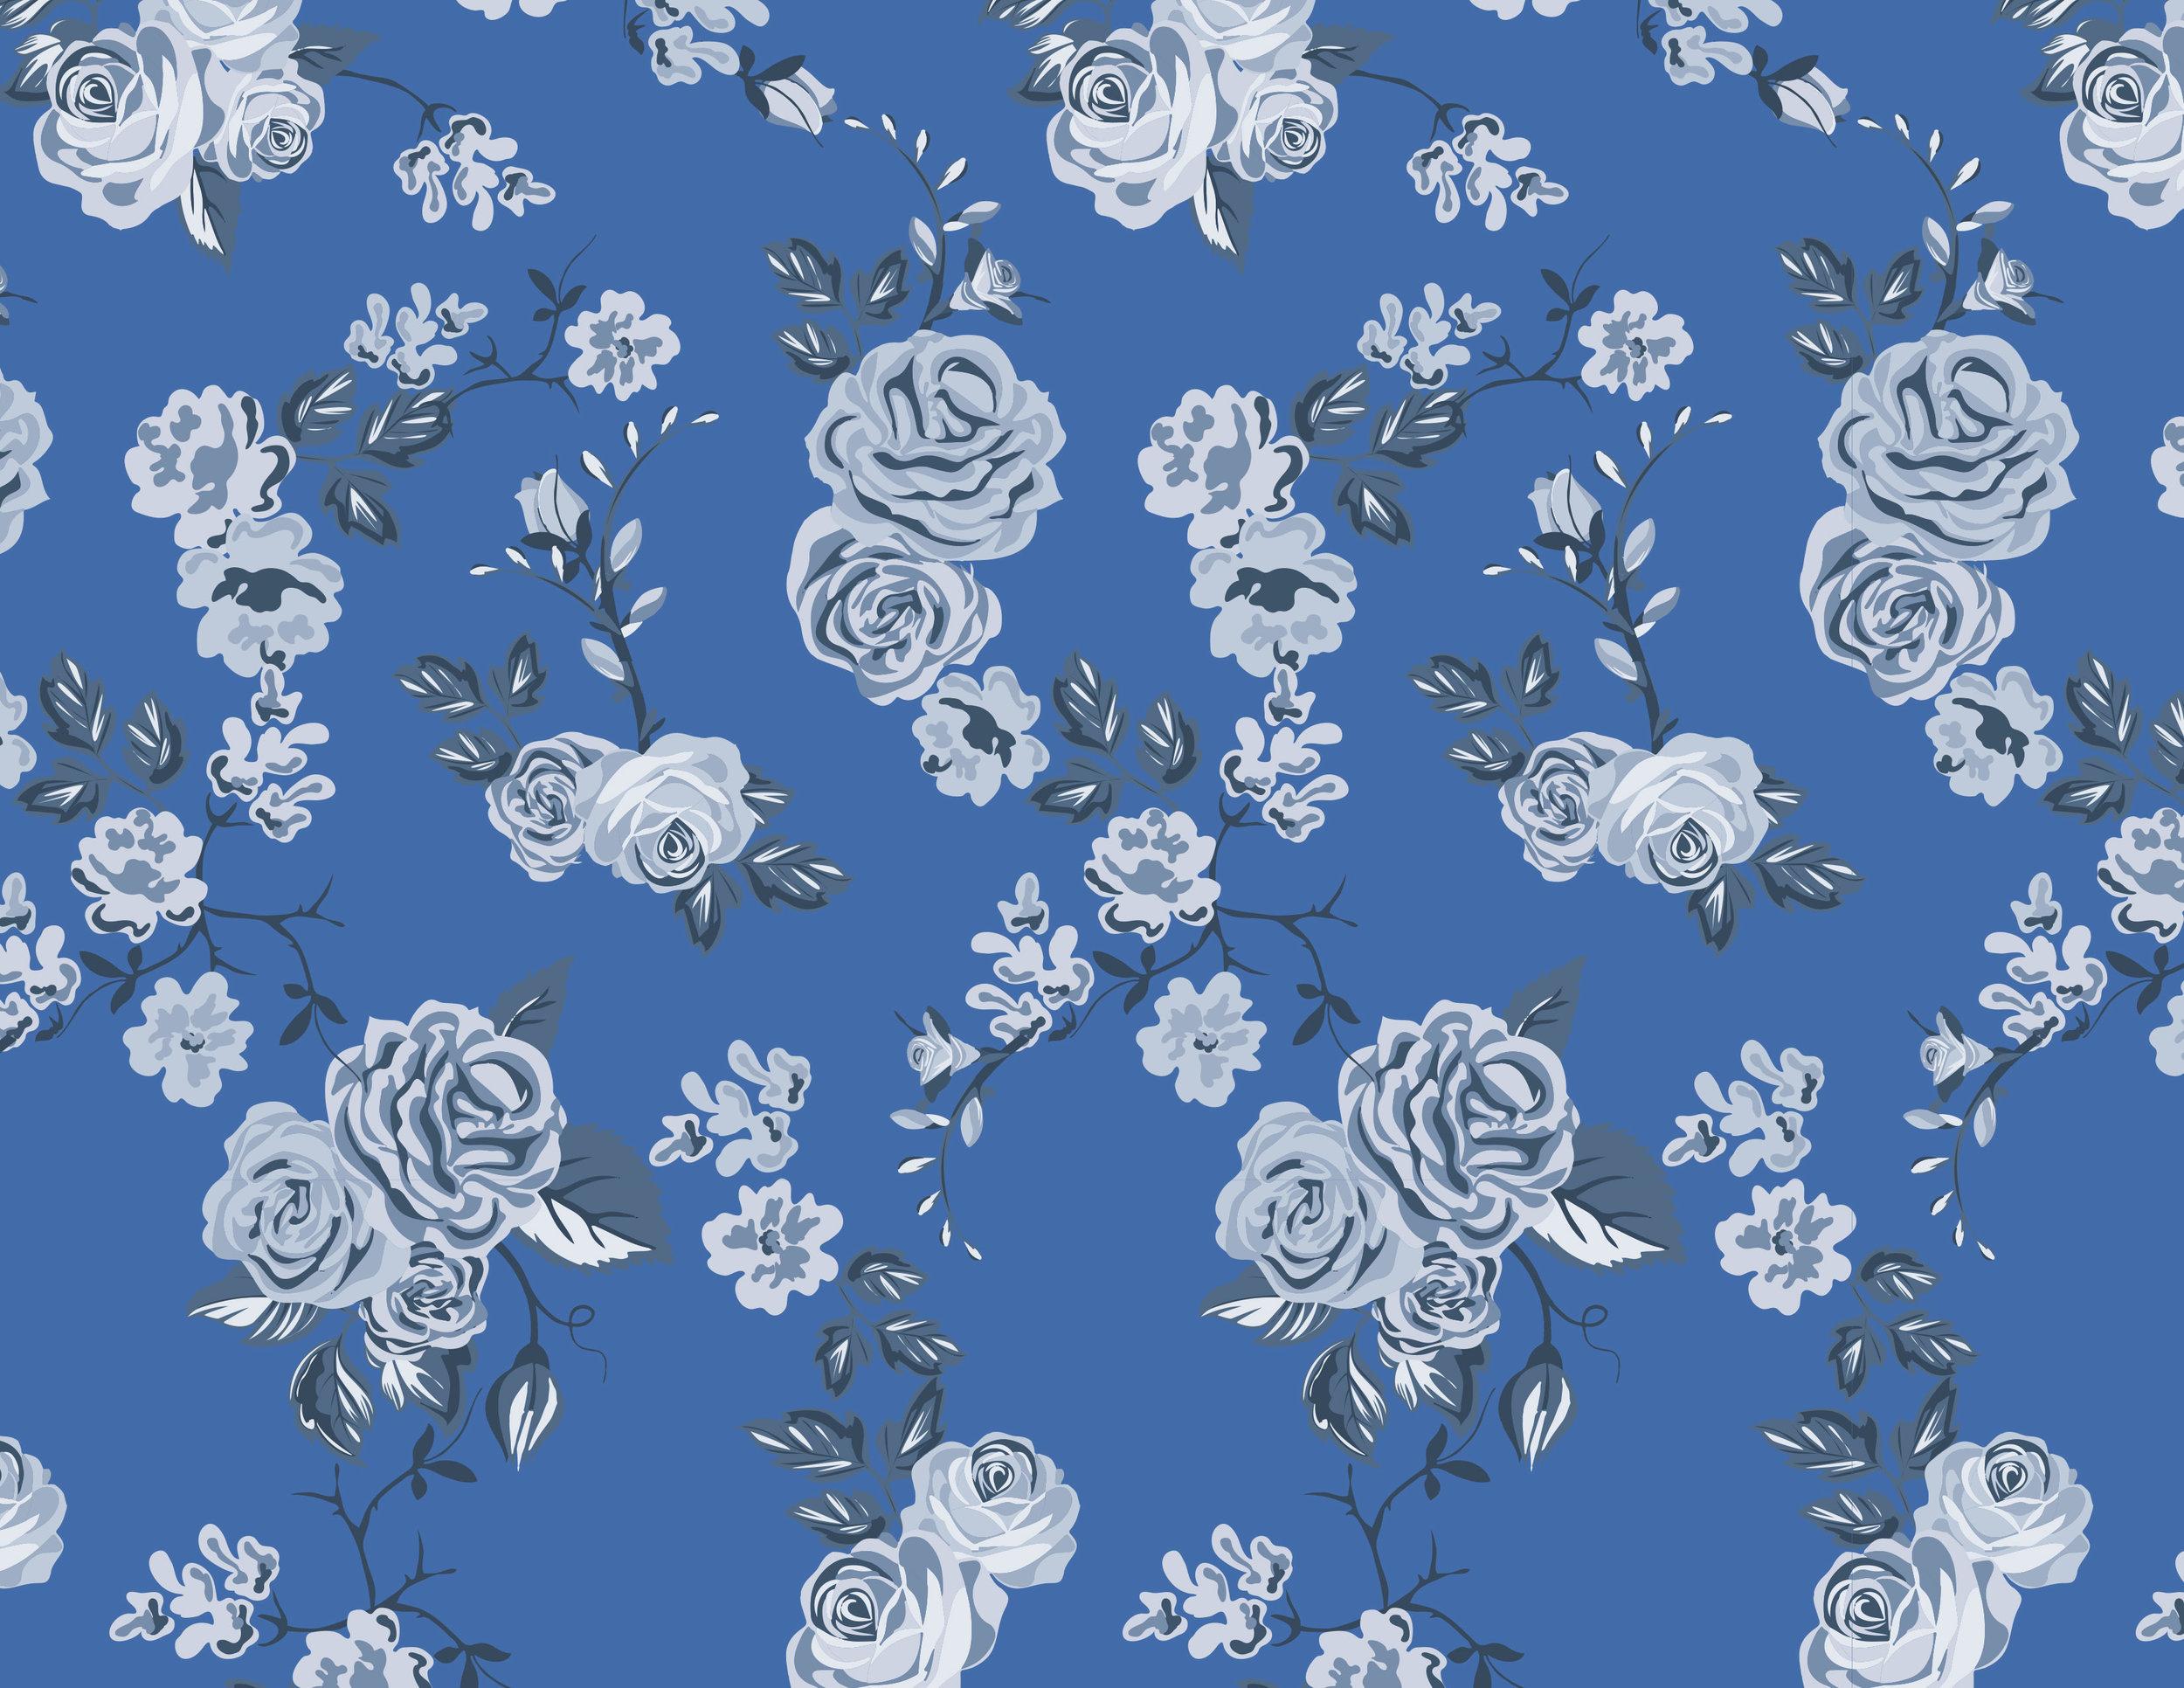 blue_floral_june_4.jpg